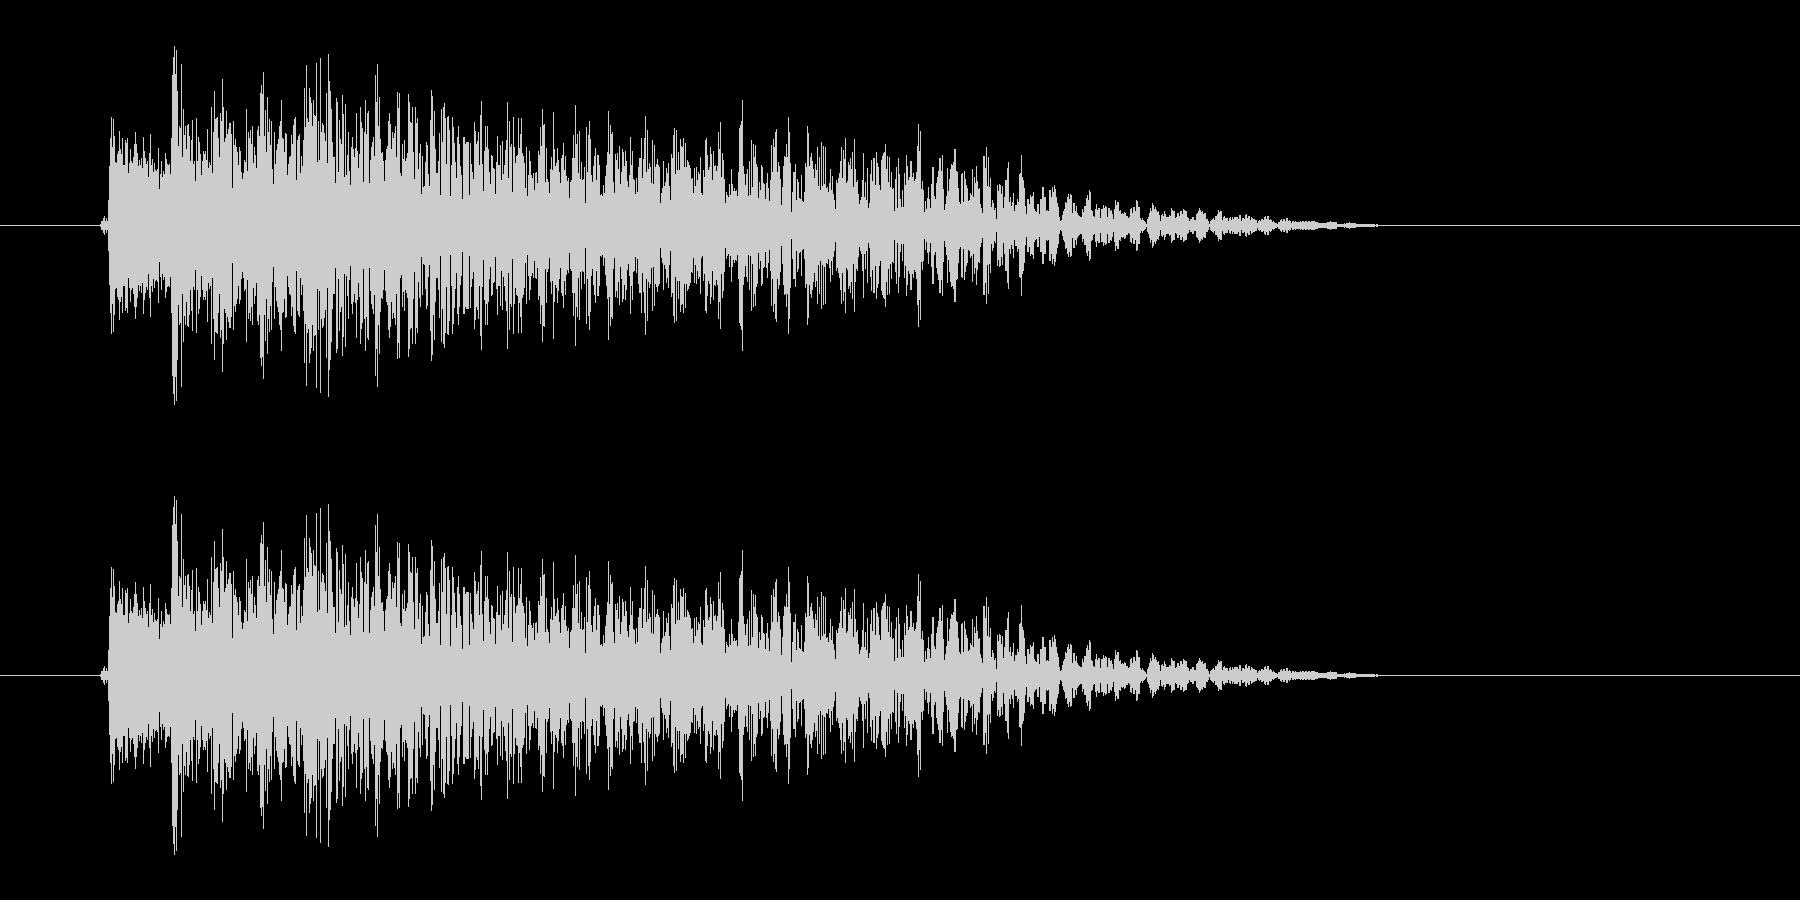 フォークギター細い1弦から太い6弦への未再生の波形